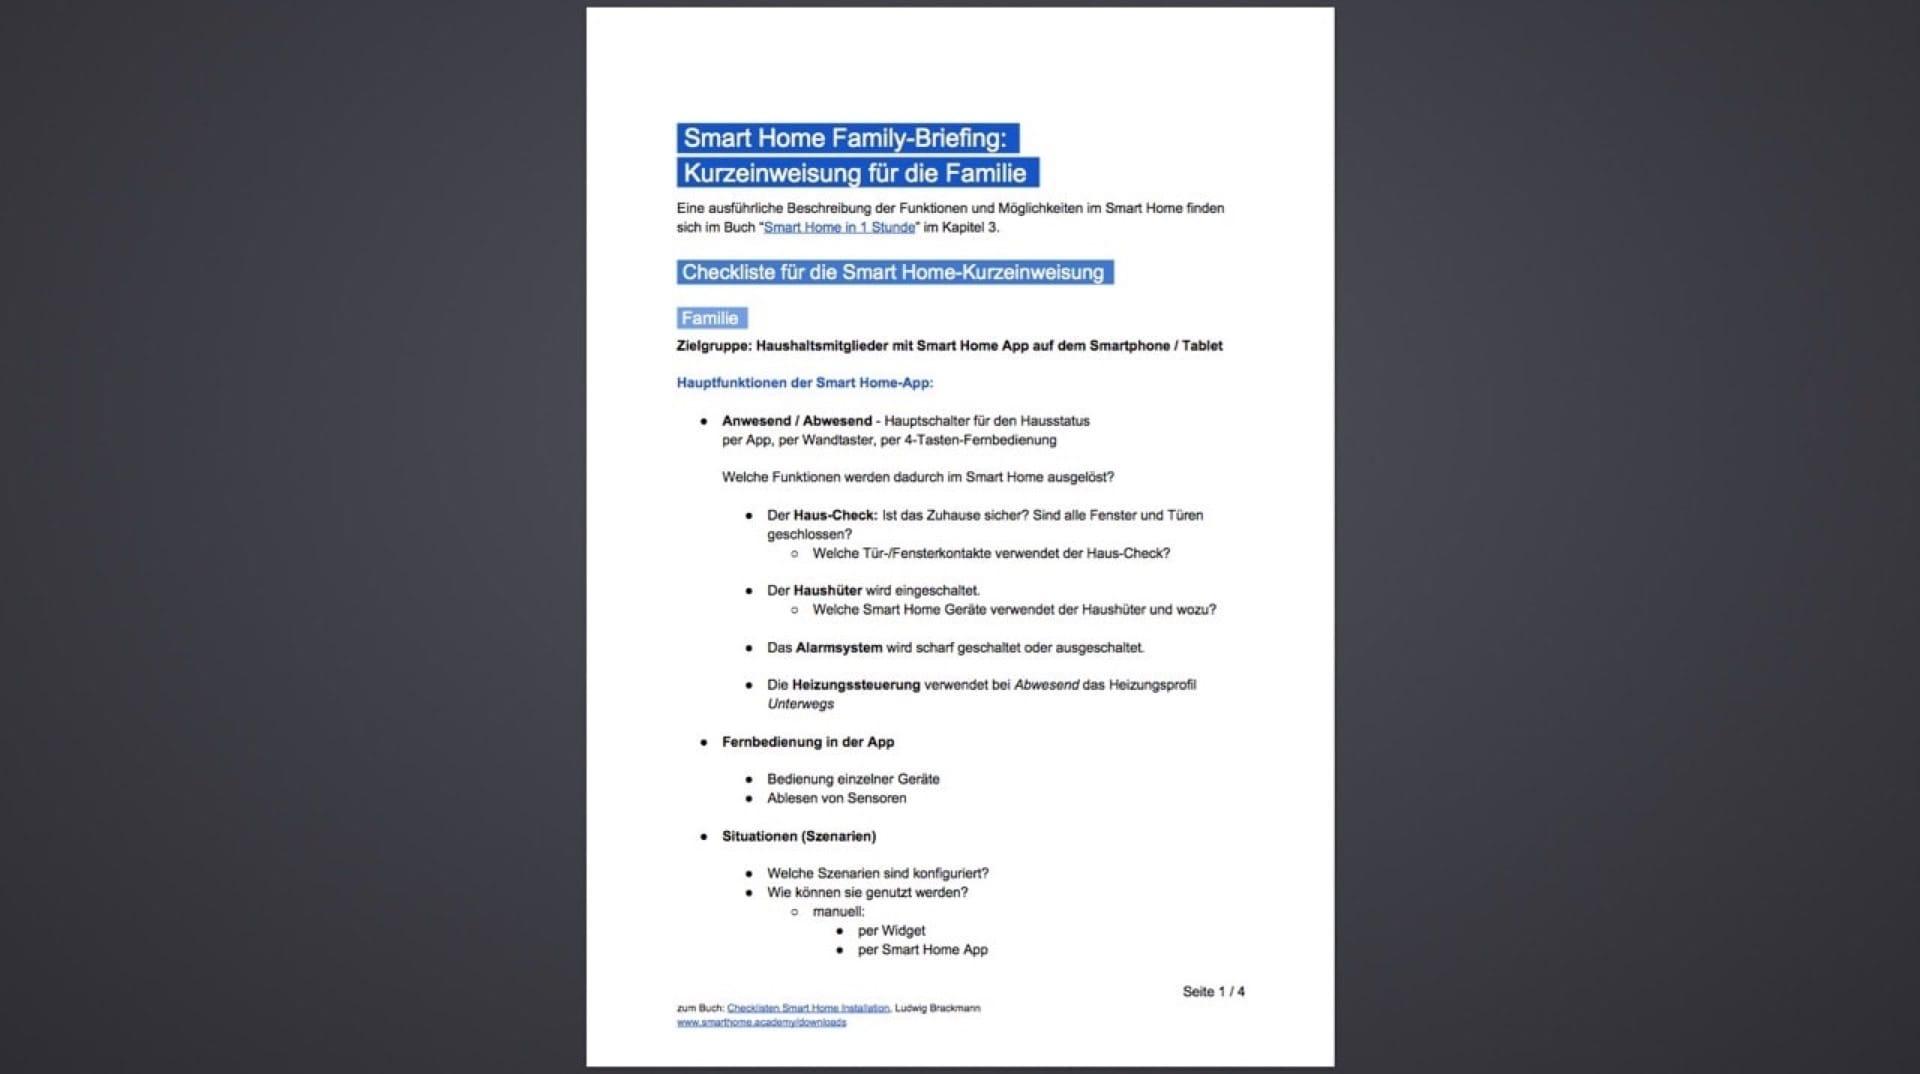 Die Smart Home Kurzeinweisung/Family-Briefing PDF dient dazu, der Familie, Gäste und Nachbarn die jeweils erforderliche Dosis von Smart Home zu erläutern. Download als PDF auf www.smarthome.academy.